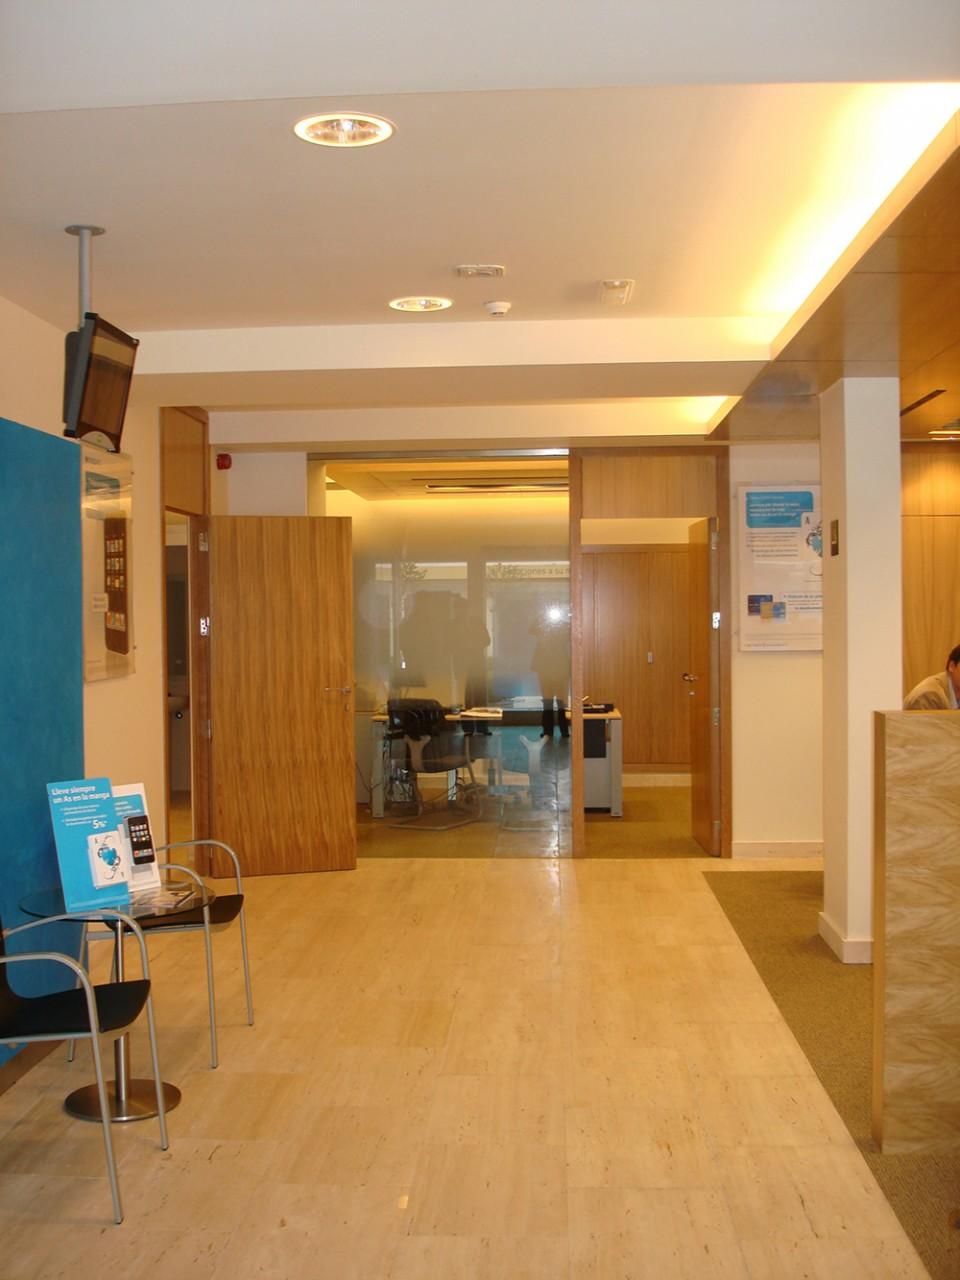 Chavsa soluciones integrales de dise o y arquitectura for Barclays oficinas madrid